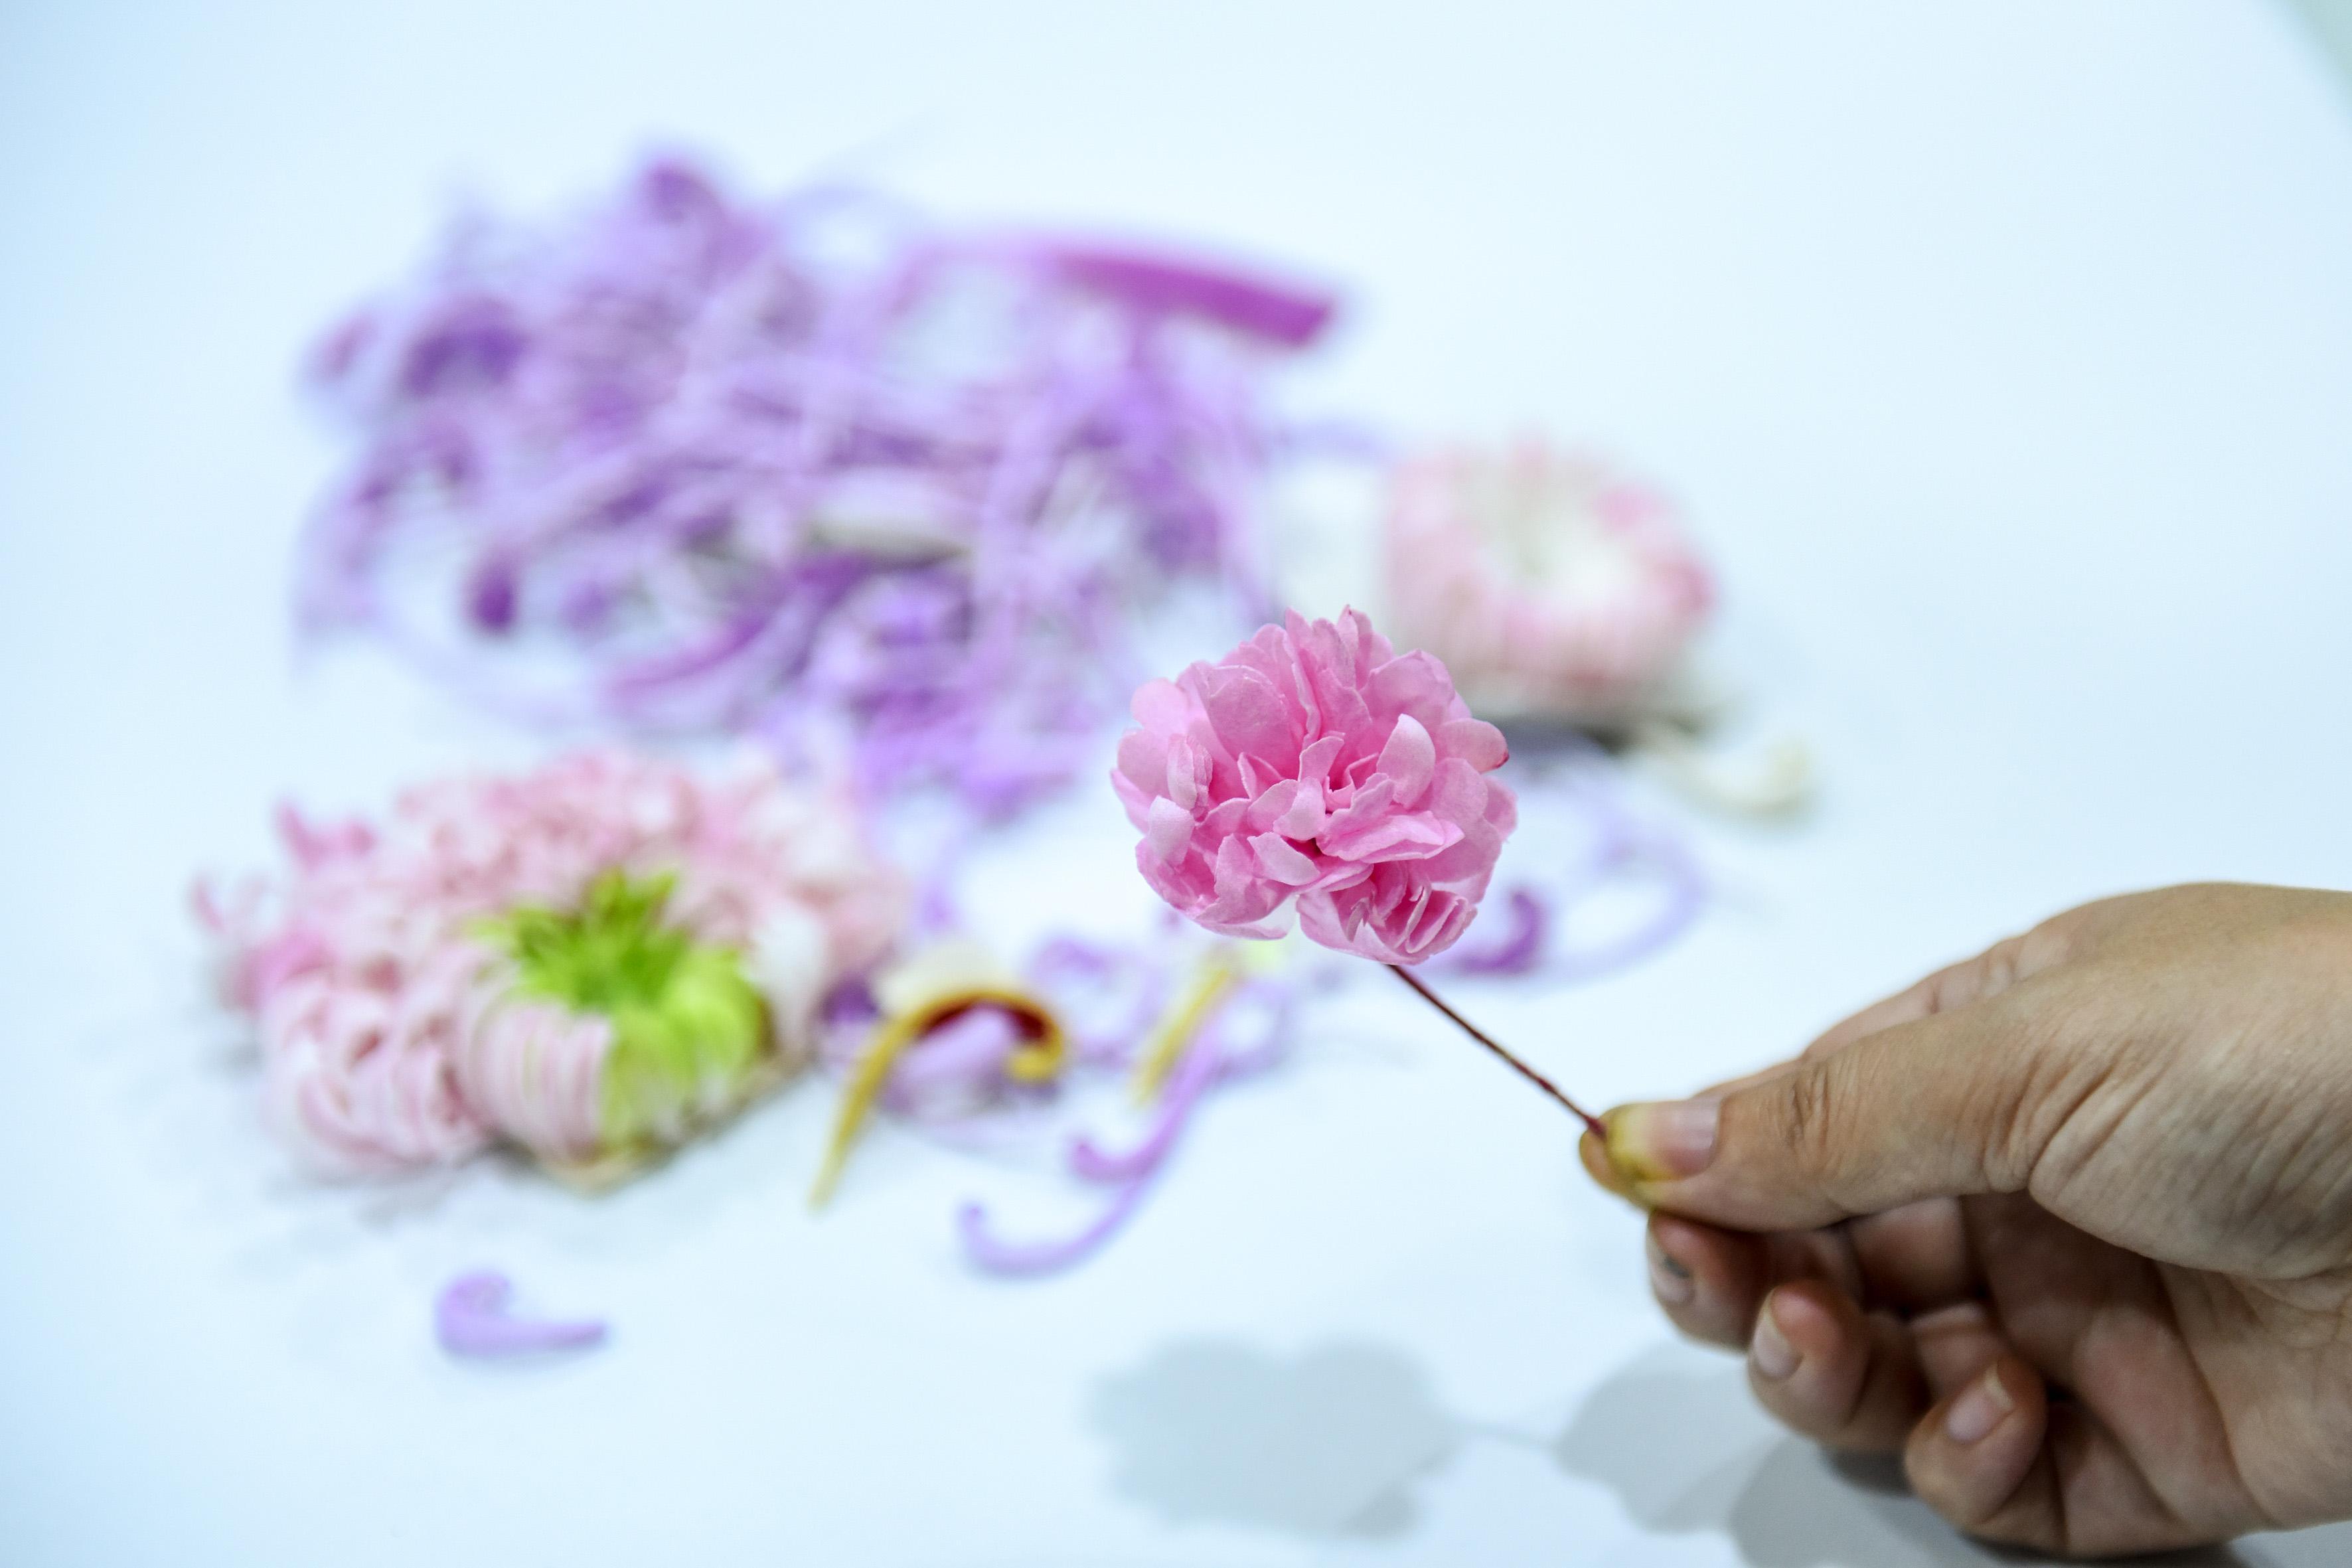 用纸张做的似锦繁花,以假乱真的扬州通草花技艺仅有